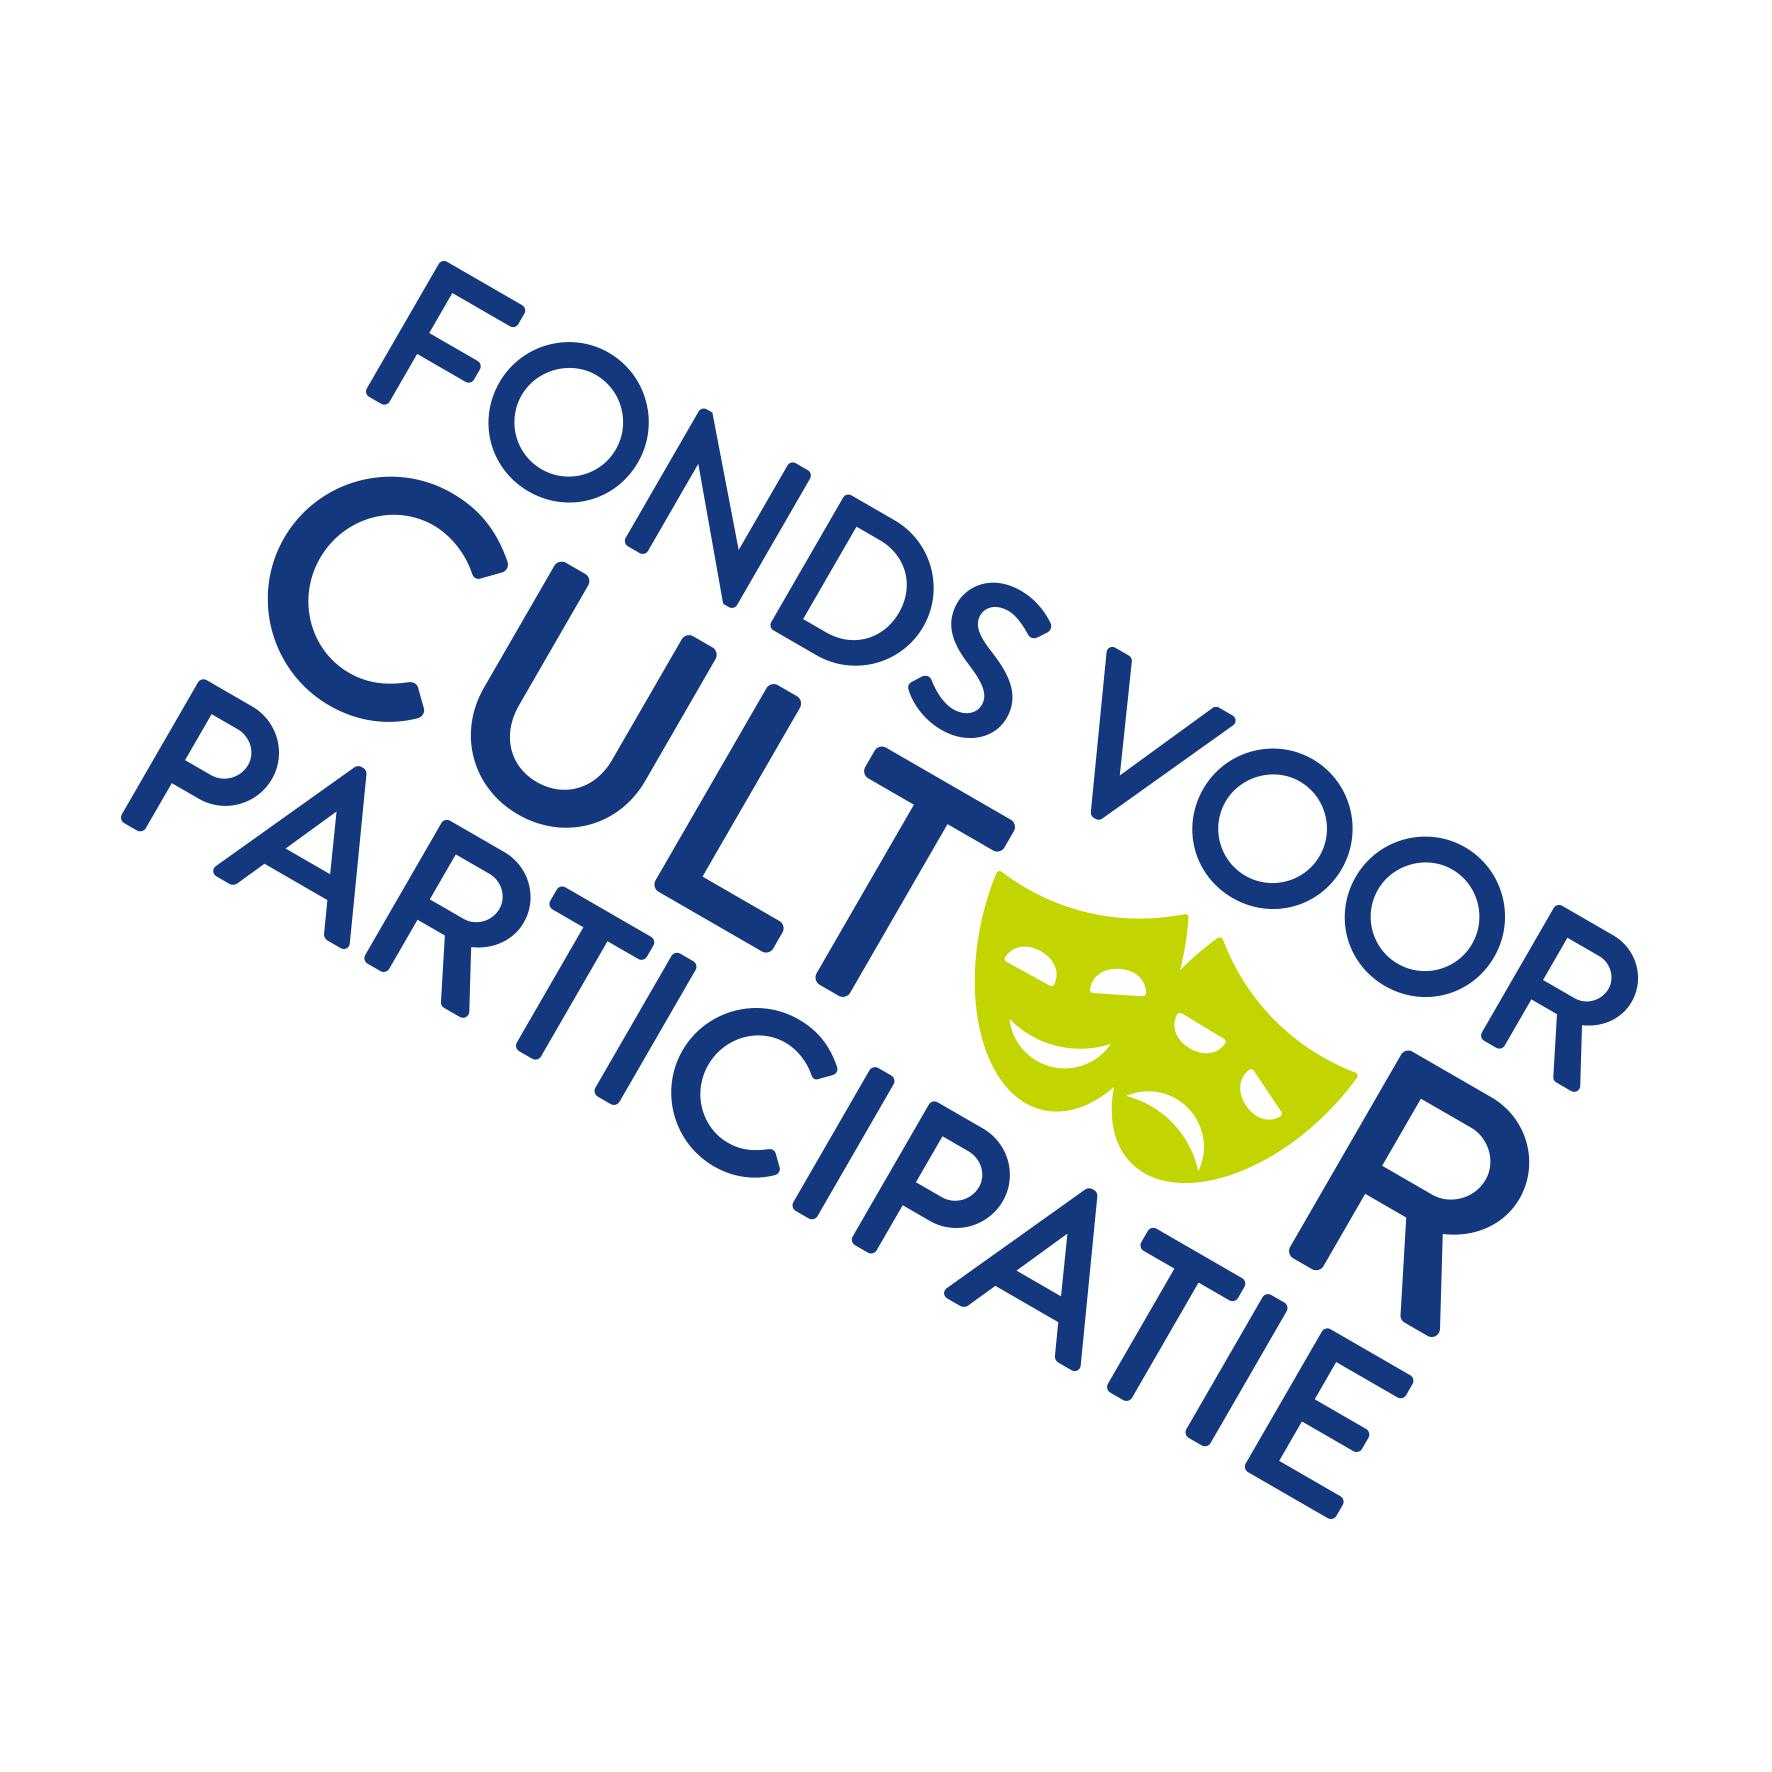 Het scholenproject Masker is (mede) mogelijk gemaakt door het Fonds voor Cultuurparticipatie. Het Fonds voor Cultuurparticipatie ondersteunt initiatieven die meedoen aan cultuur stimuleren.